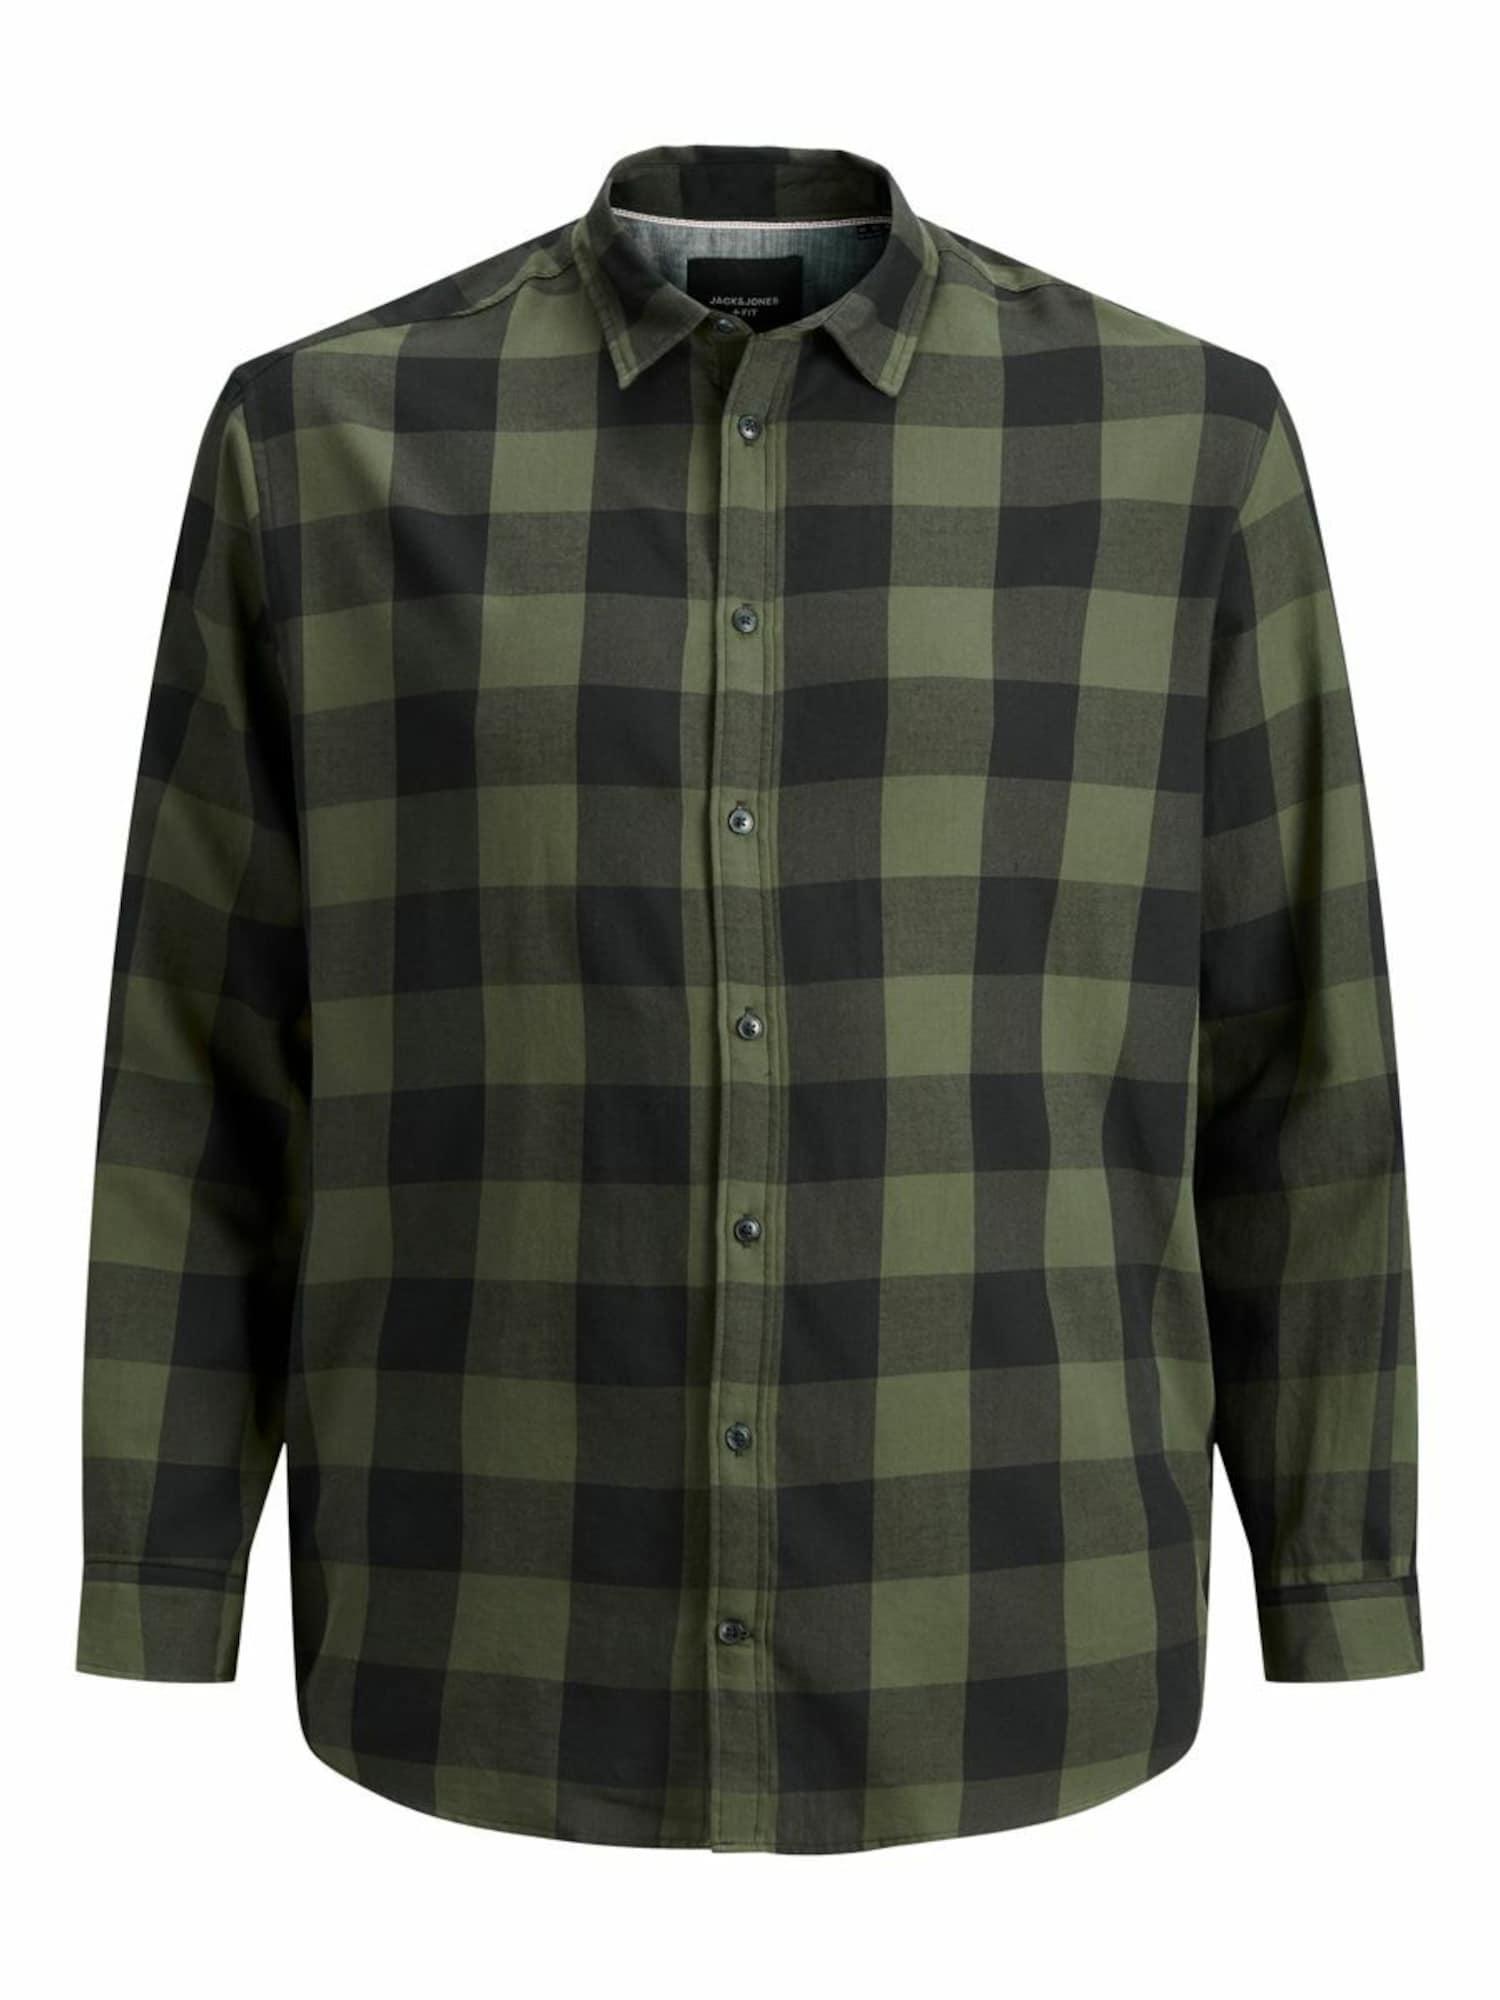 JACK & JONES Marškiniai rusvai žalia / grafito